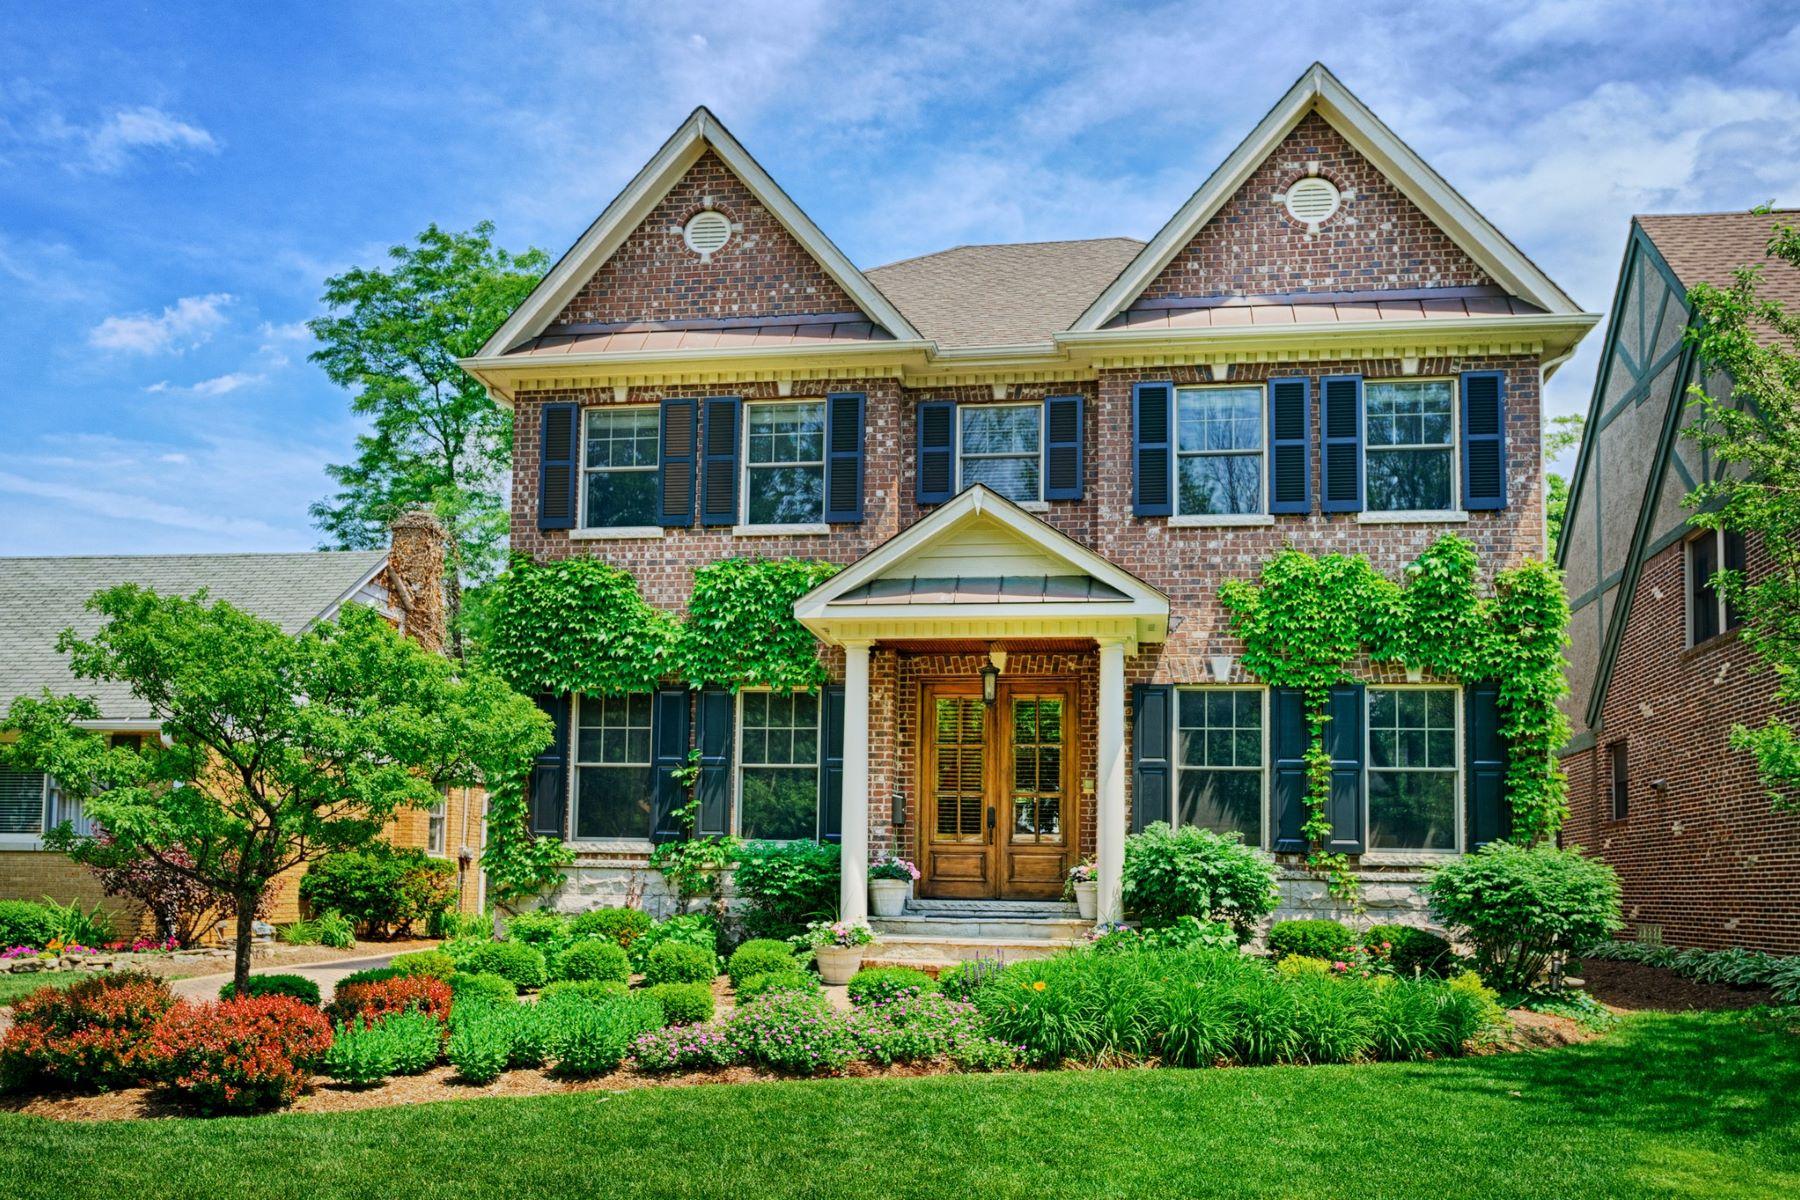 Частный односемейный дом для того Продажа на 3841 Woodland Ave Western Springs, Иллинойс, 60558 Соединенные Штаты